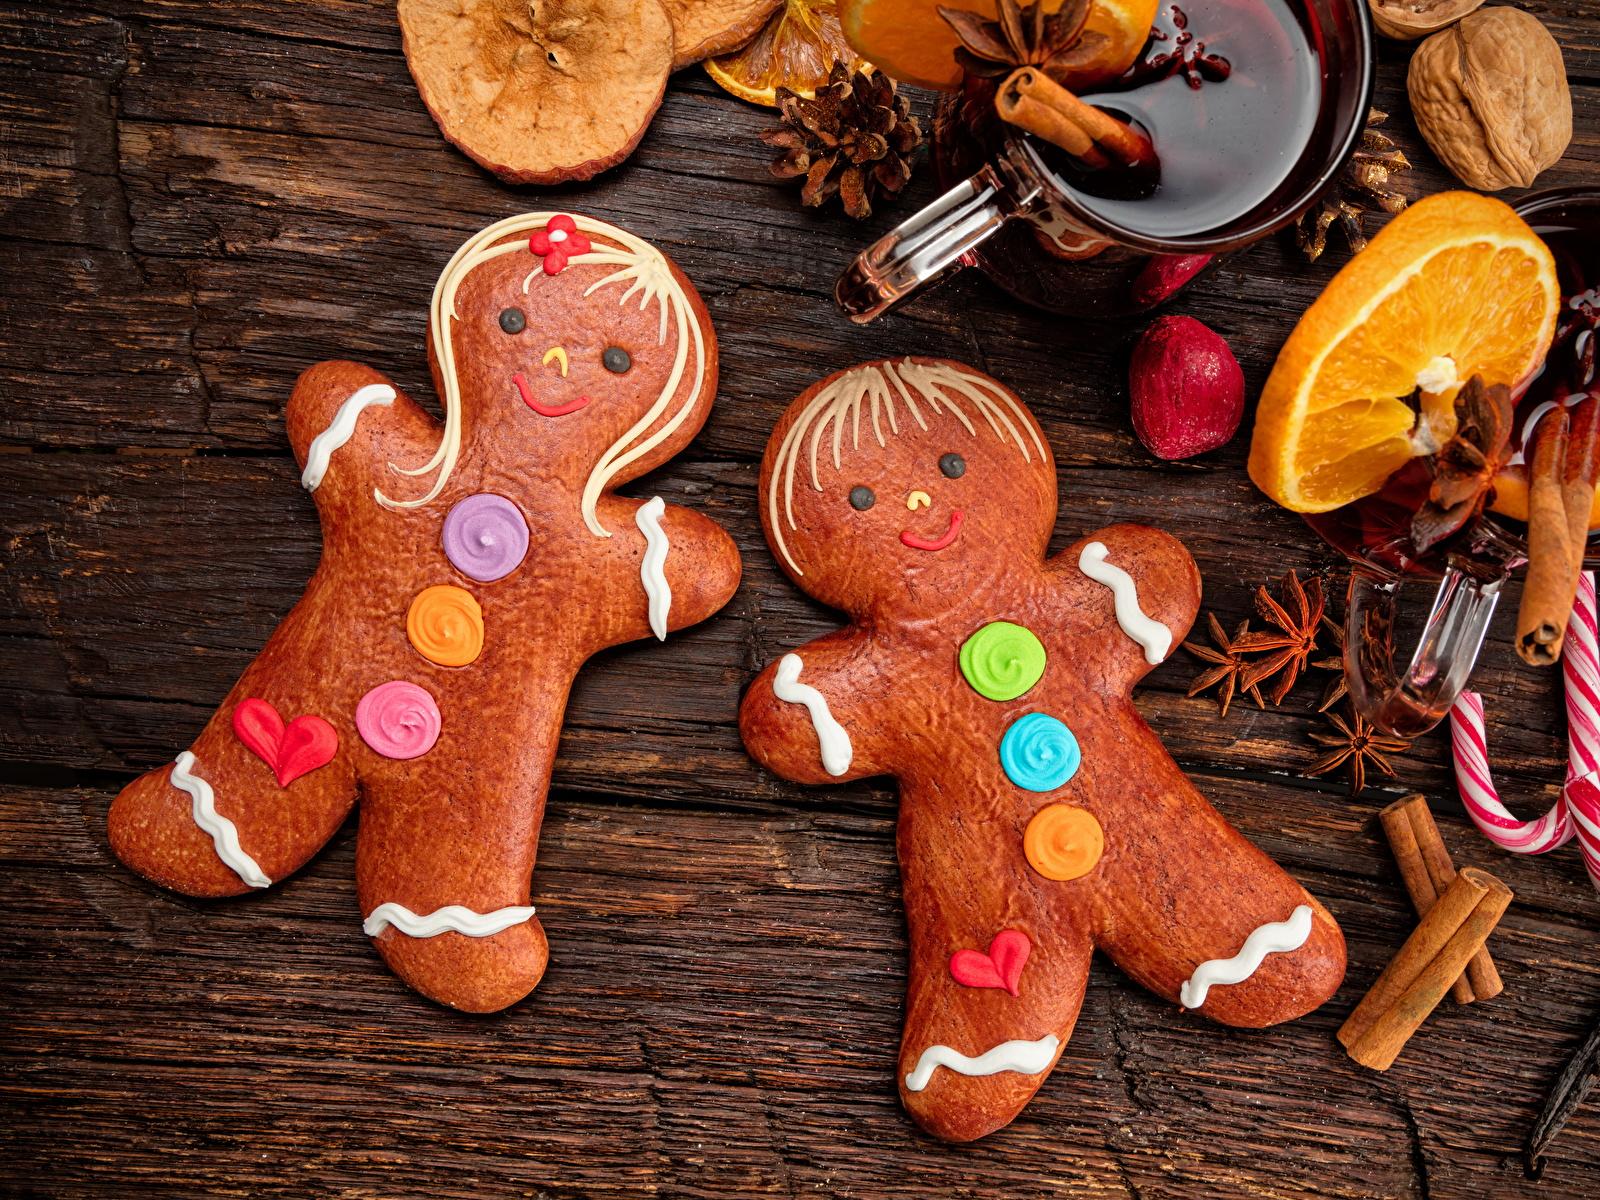 Фото Рождество Бадьян звезда аниса Корица Пища Печенье Сладости дизайна 1600x1200 Новый год Еда Продукты питания Дизайн